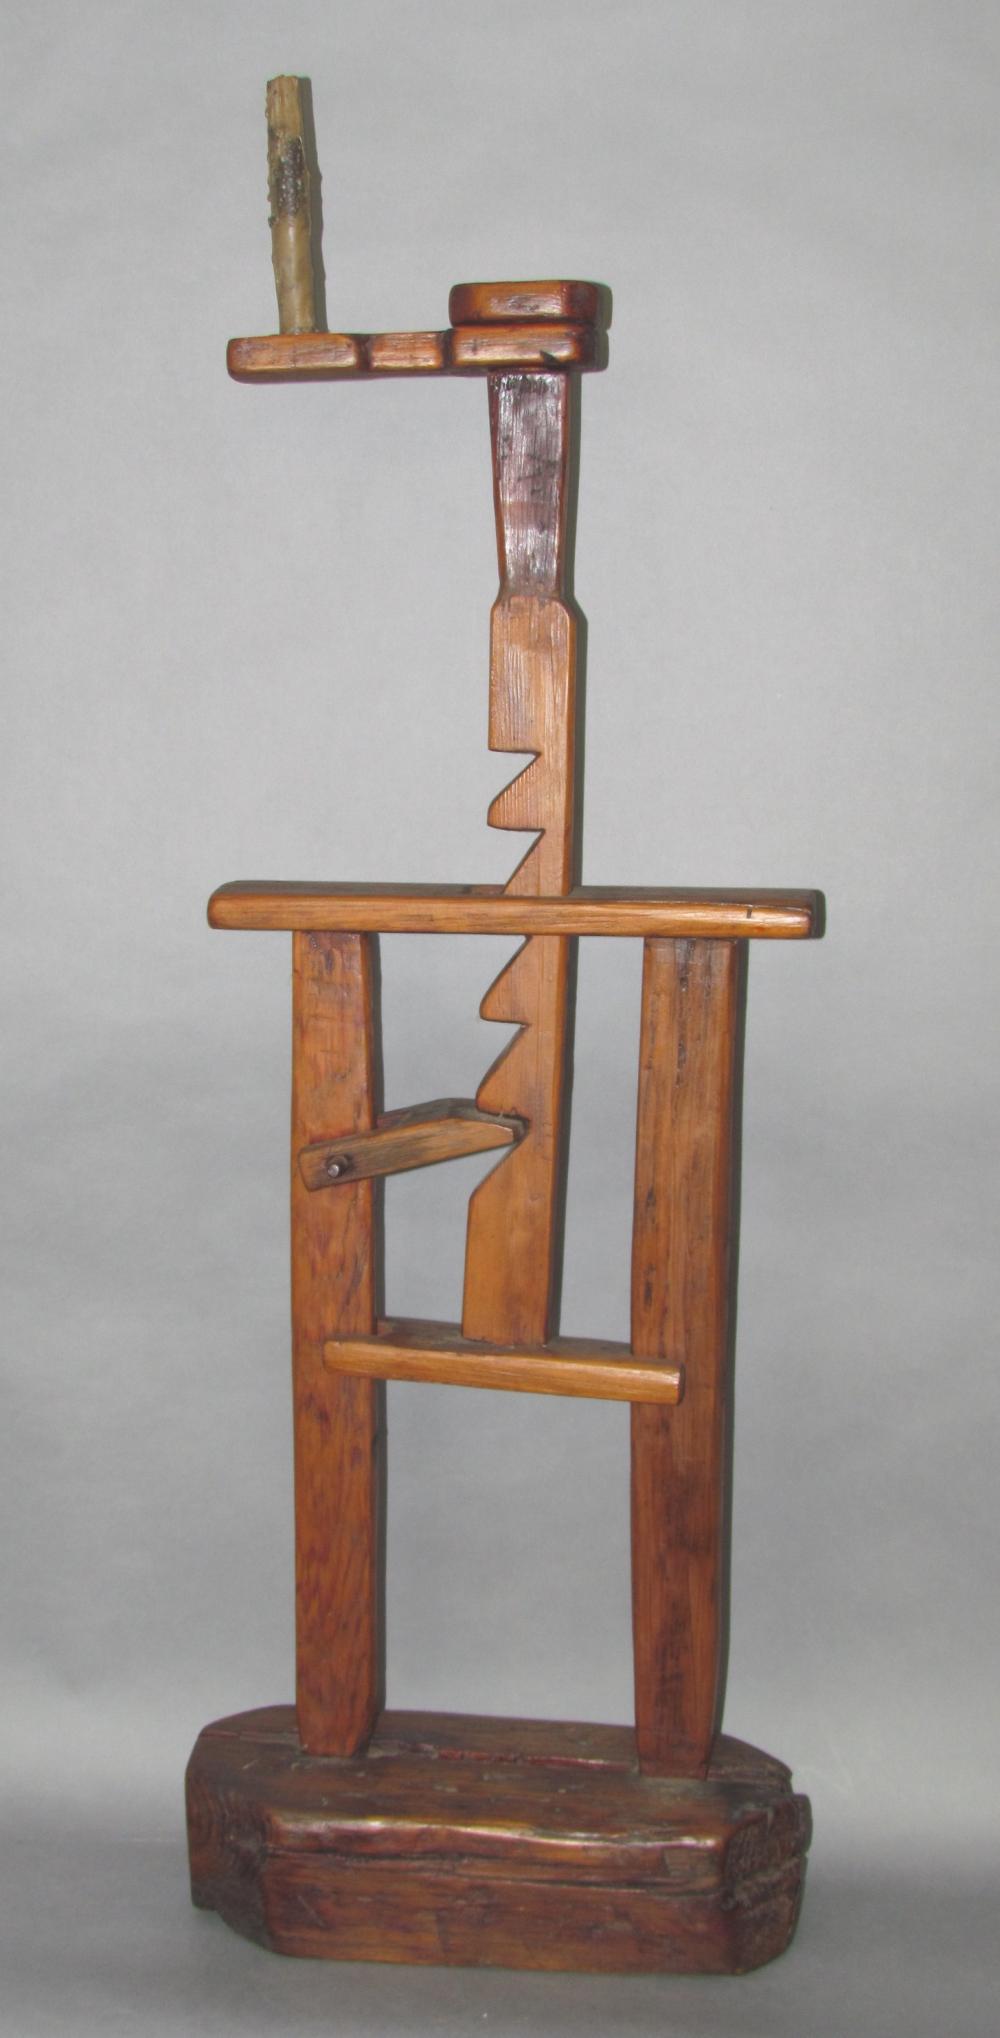 Primitive wooden adjustable candlestand